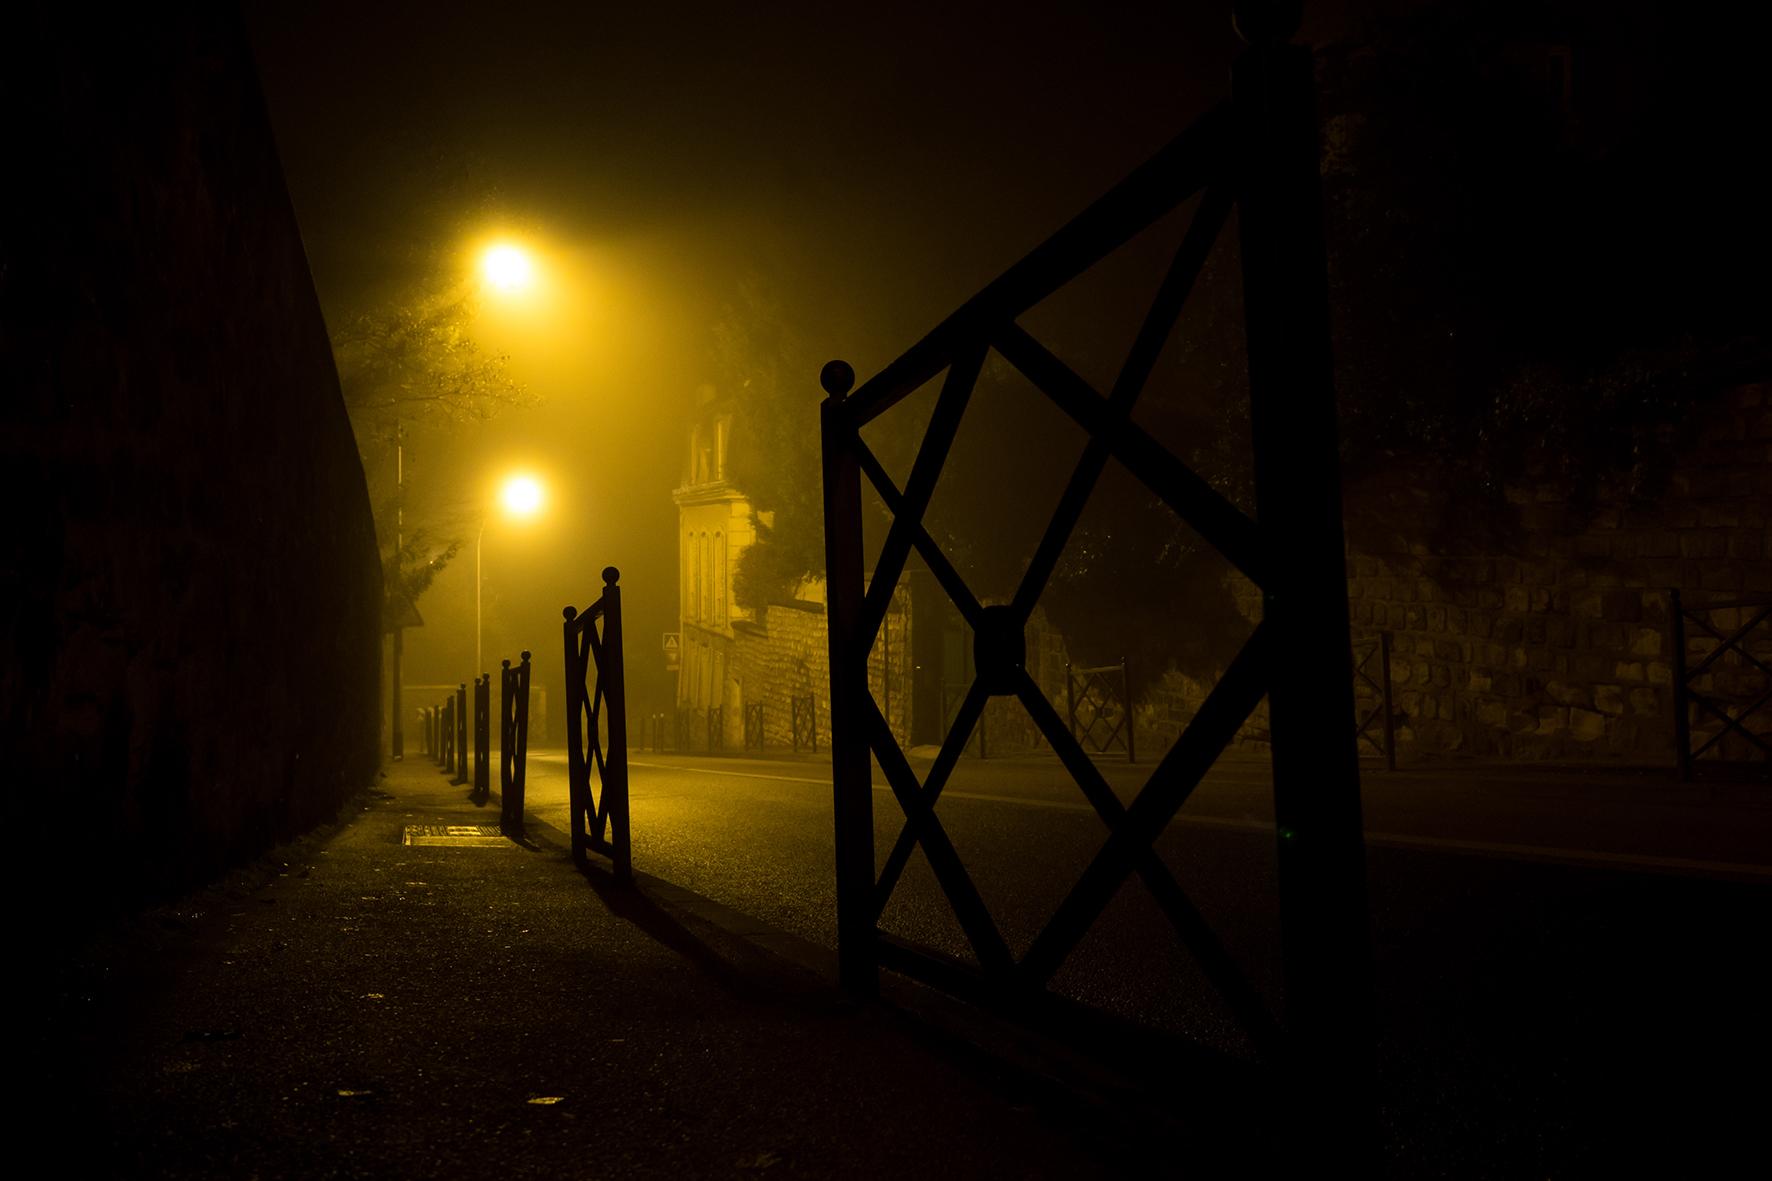 Photographe : lumière ou obscurité n°13